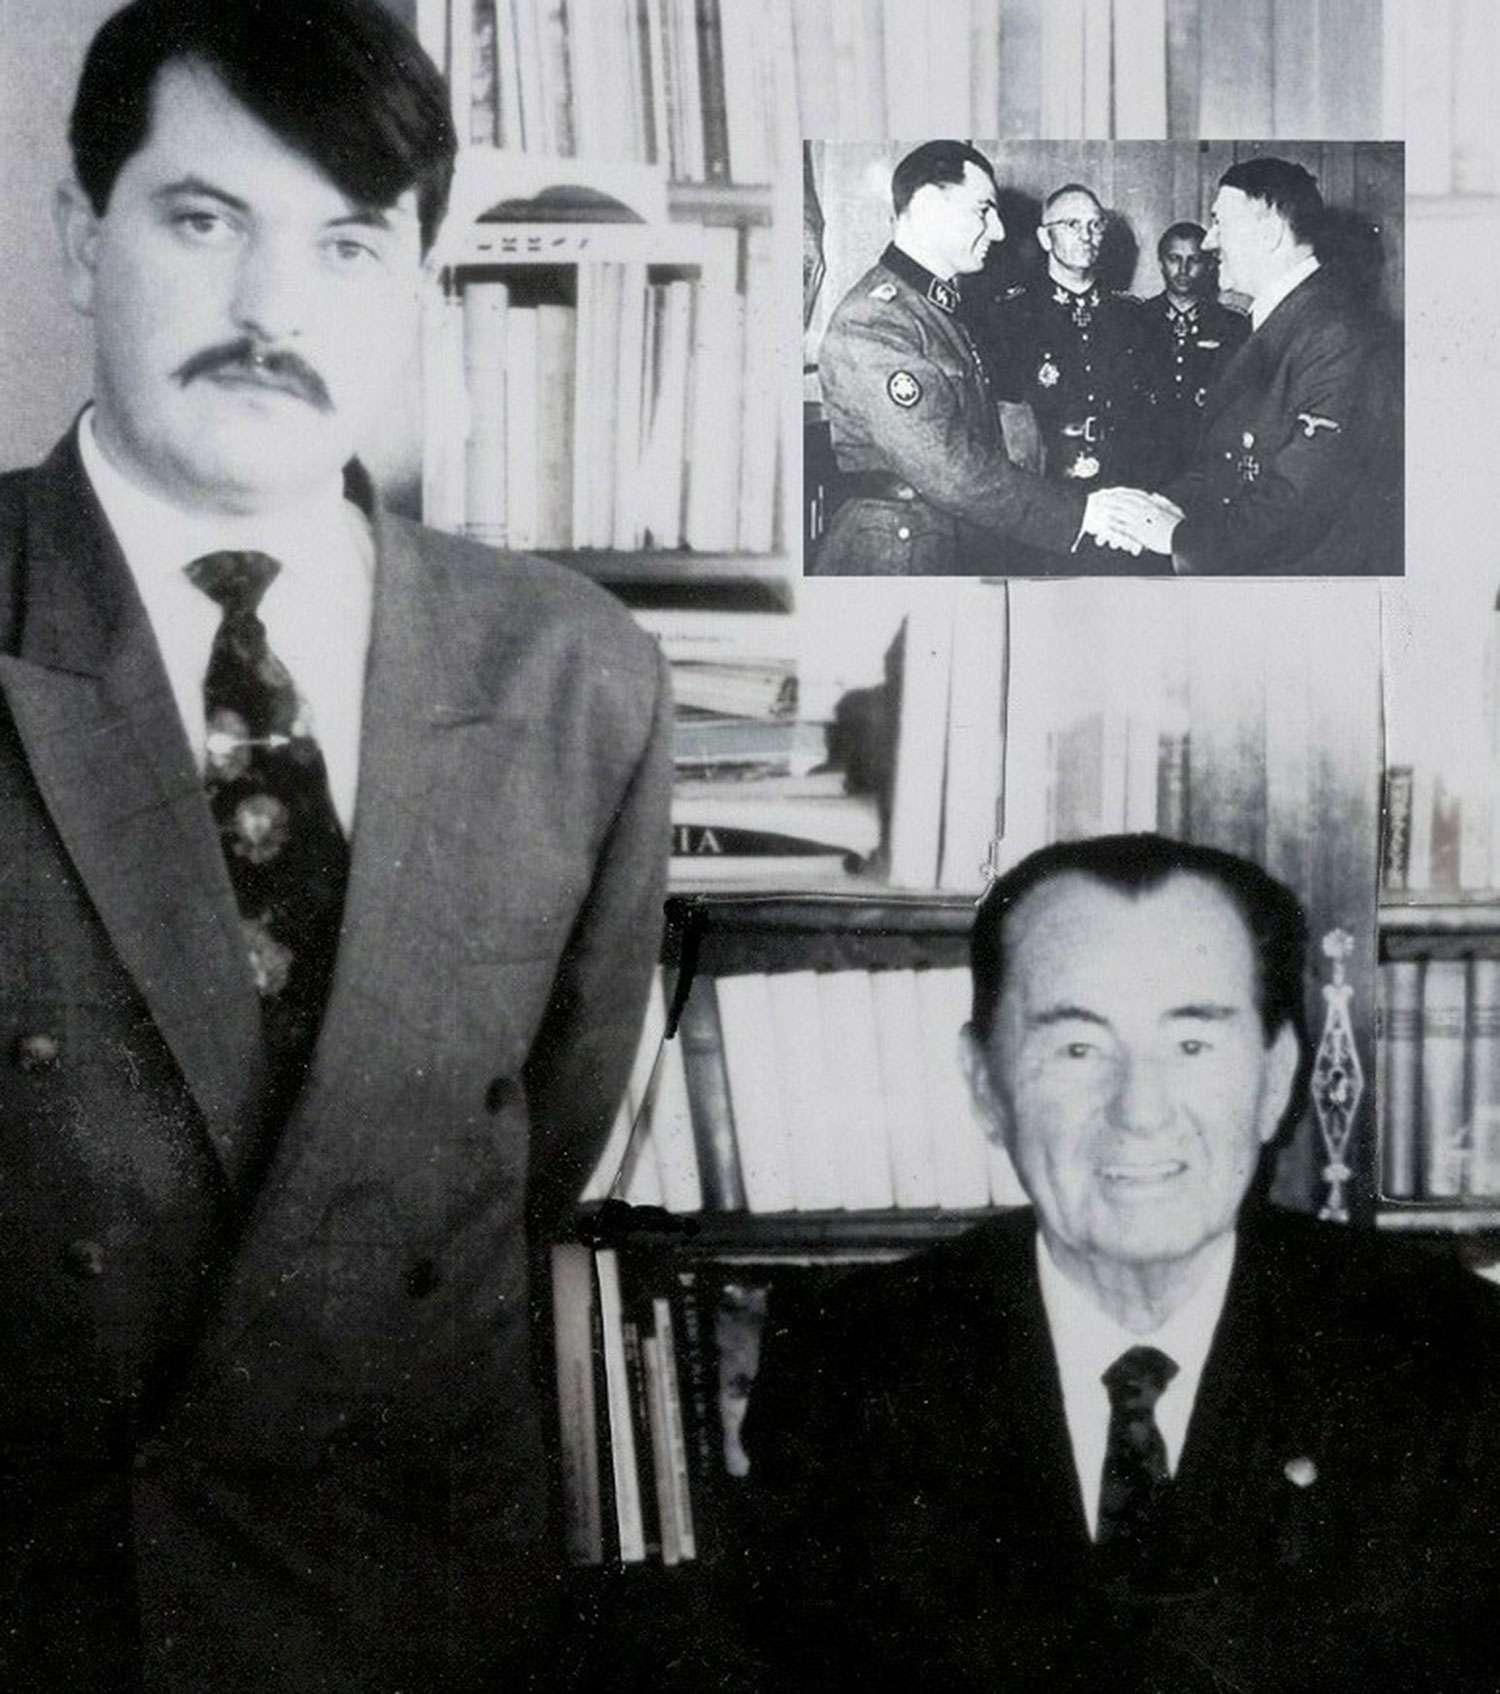 Πάνω δεξιά, η παρασημοφόρηση του Λ. Ντεγκρέλ από τον σφαγέα των λαών Χίτλερ